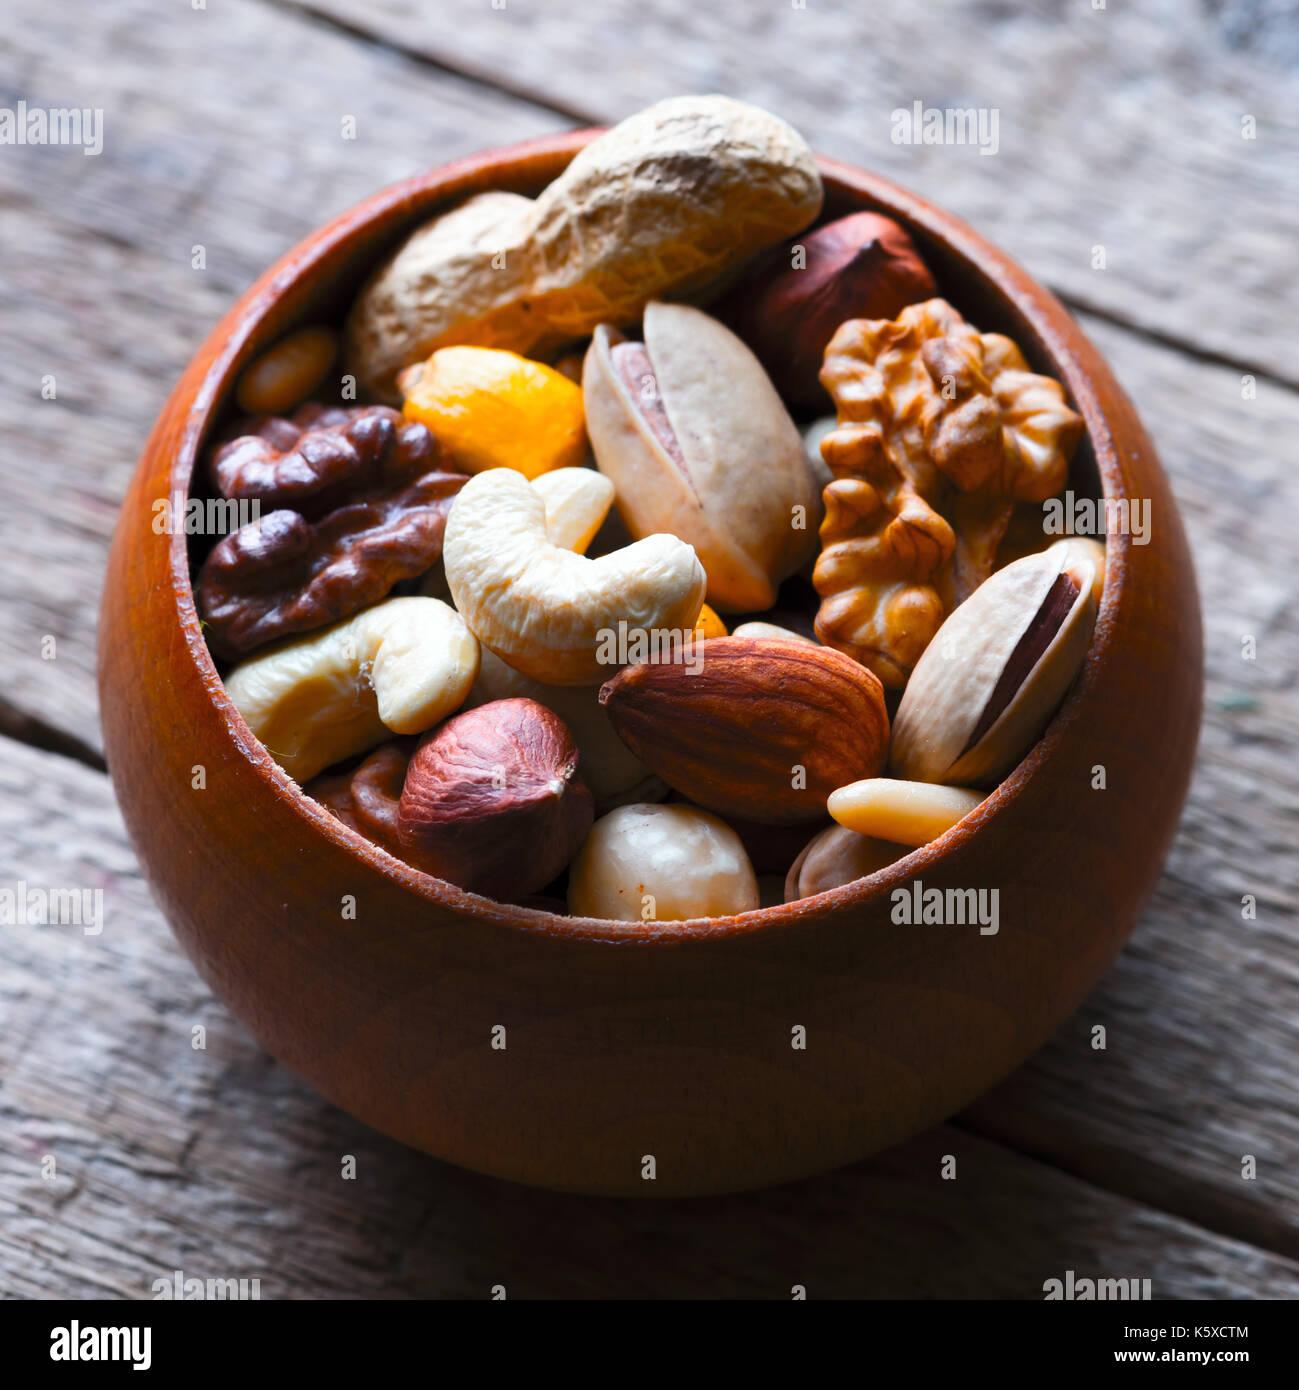 Mezcla de frutos secos en el recipiente de madera Imagen De Stock